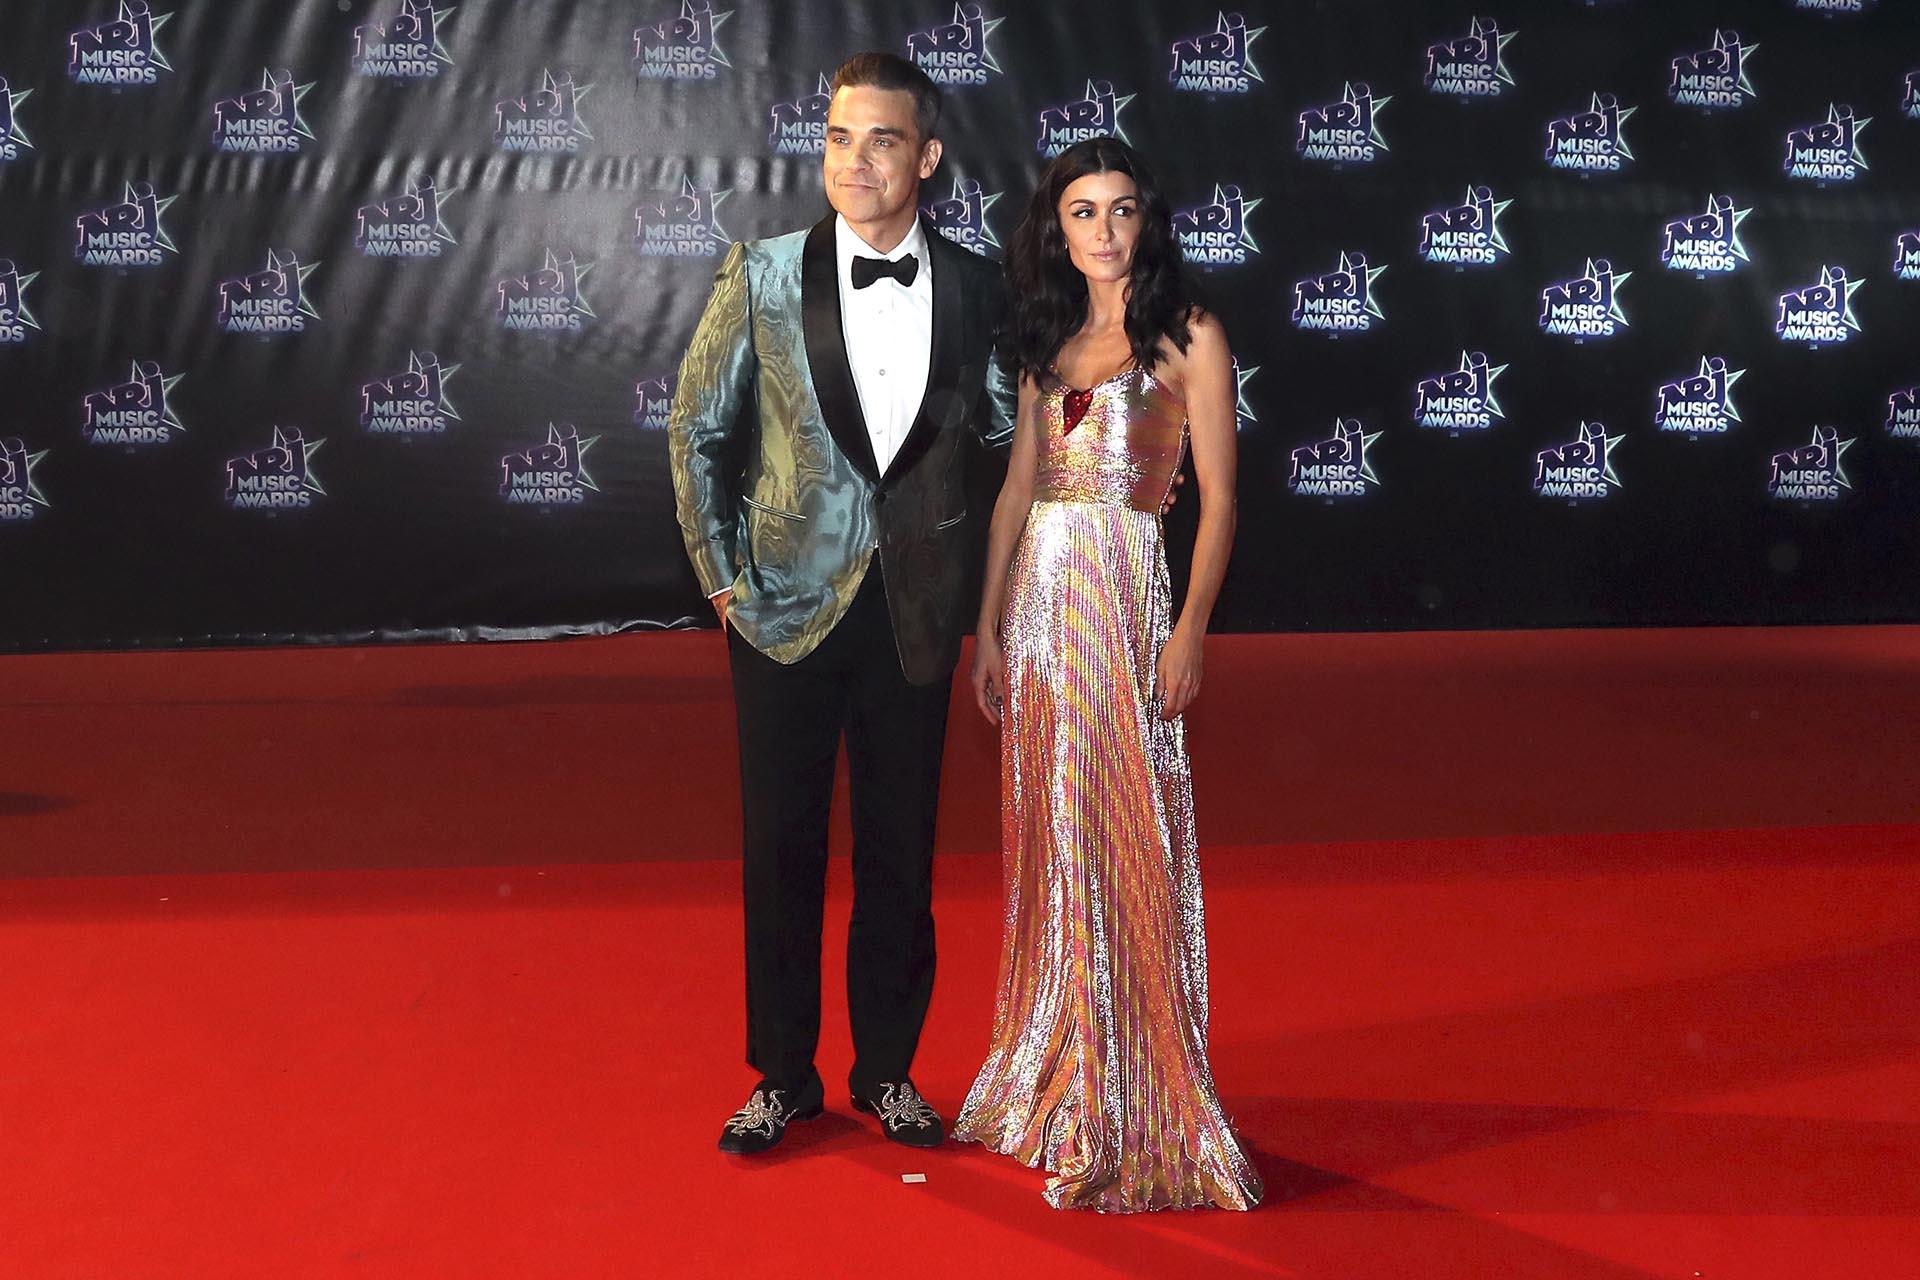 Con un smoking brilloso y zapatos bordados, Robbie Williams fue otra de las estrellas que desfiló por la red carpet y arribó en compañía de la cantante francesa, Jennifer